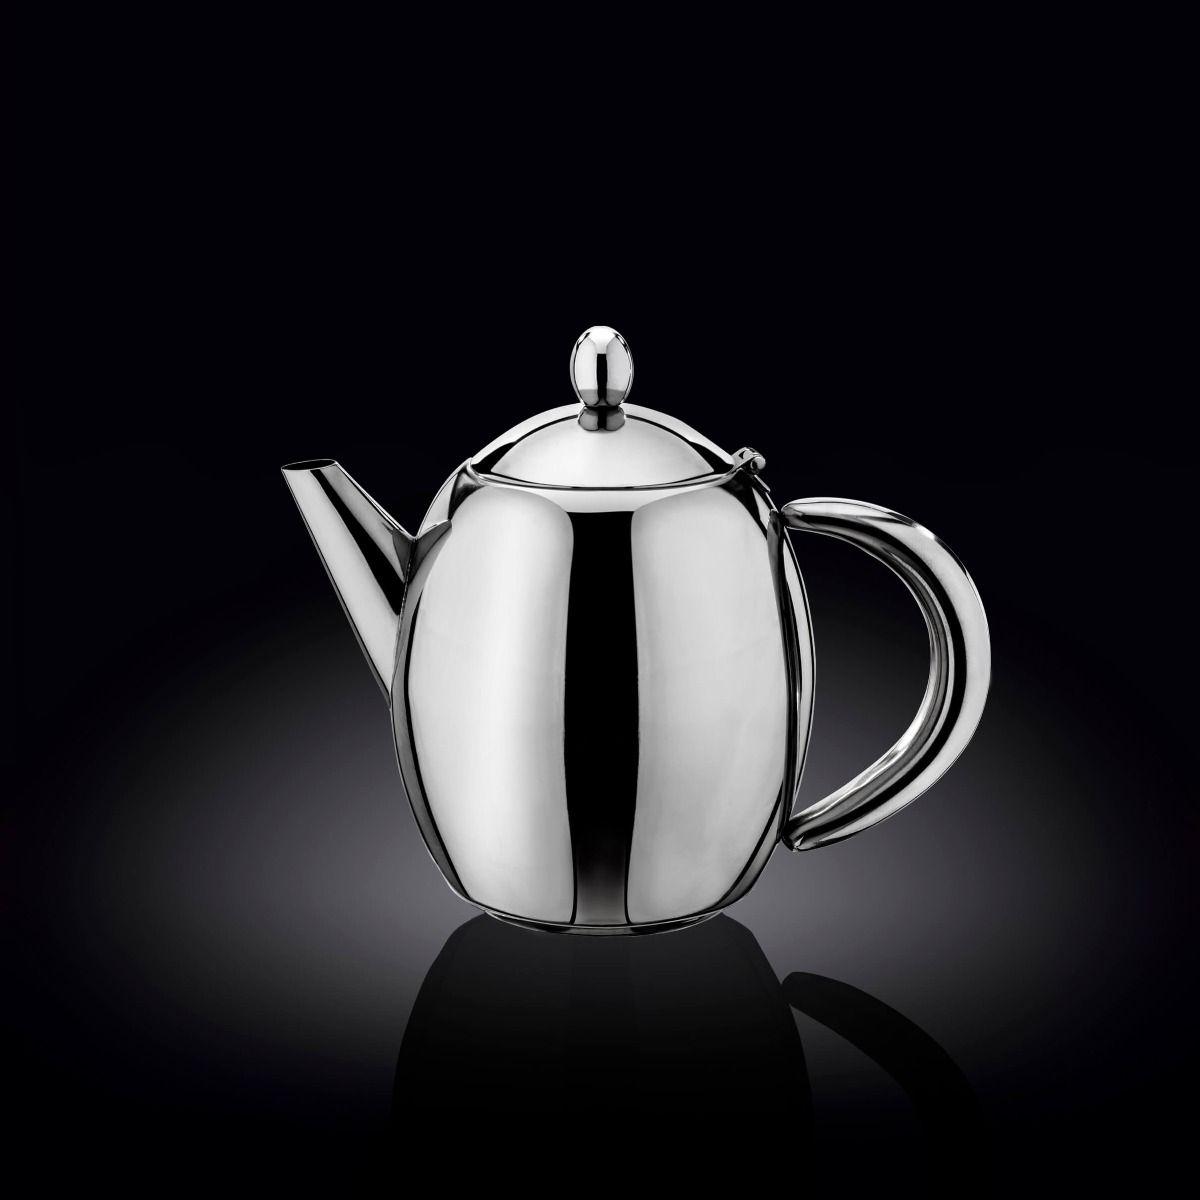 Заварочный чайник Wilmax 500 мл, в цветной коробке, н/ж сталь